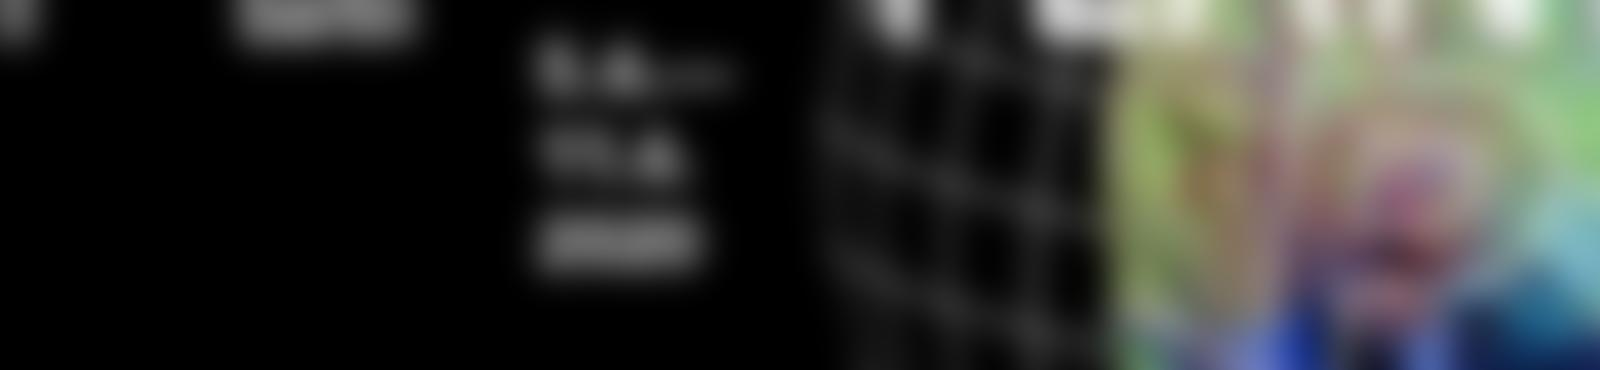 Blurred 6ef486ff a2f6 4a08 ab29 a11247ef78dd